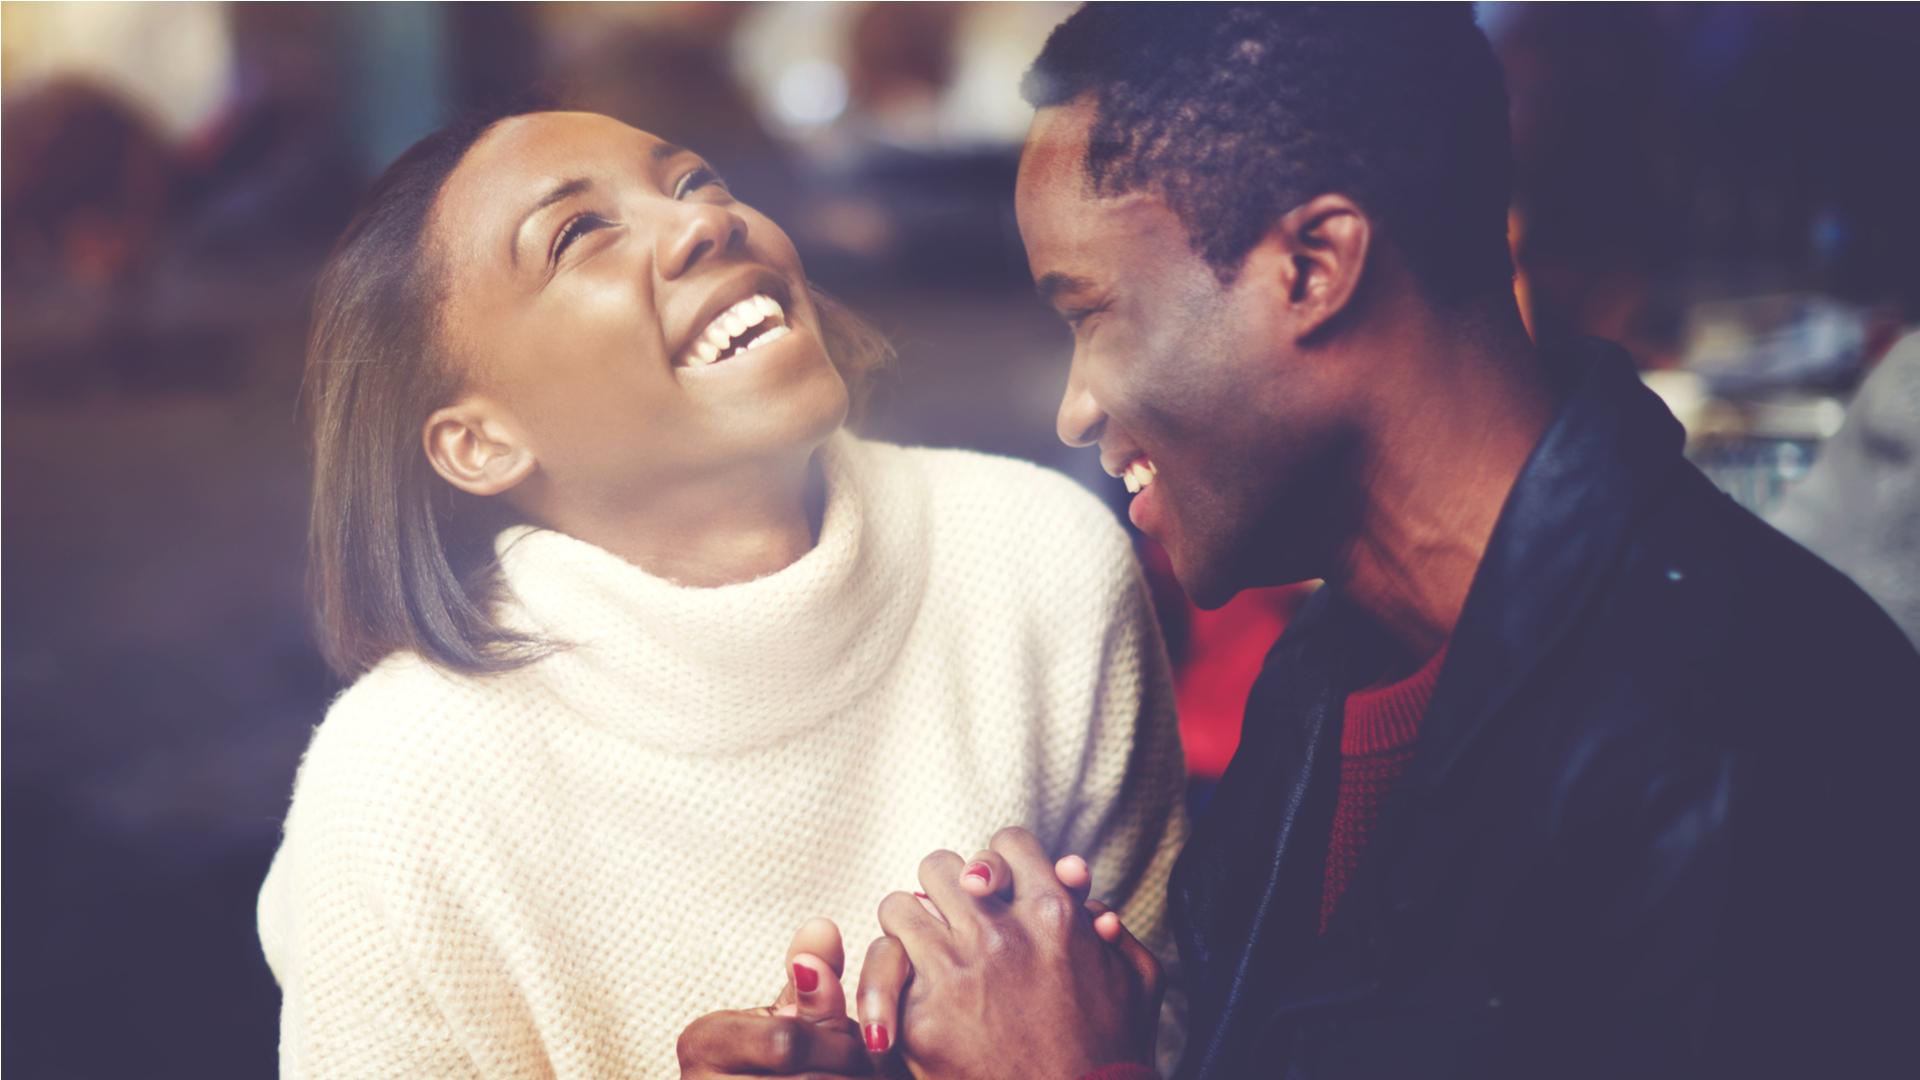 Ils témoignent des bienfaits d'un » merci» dans leur vie!